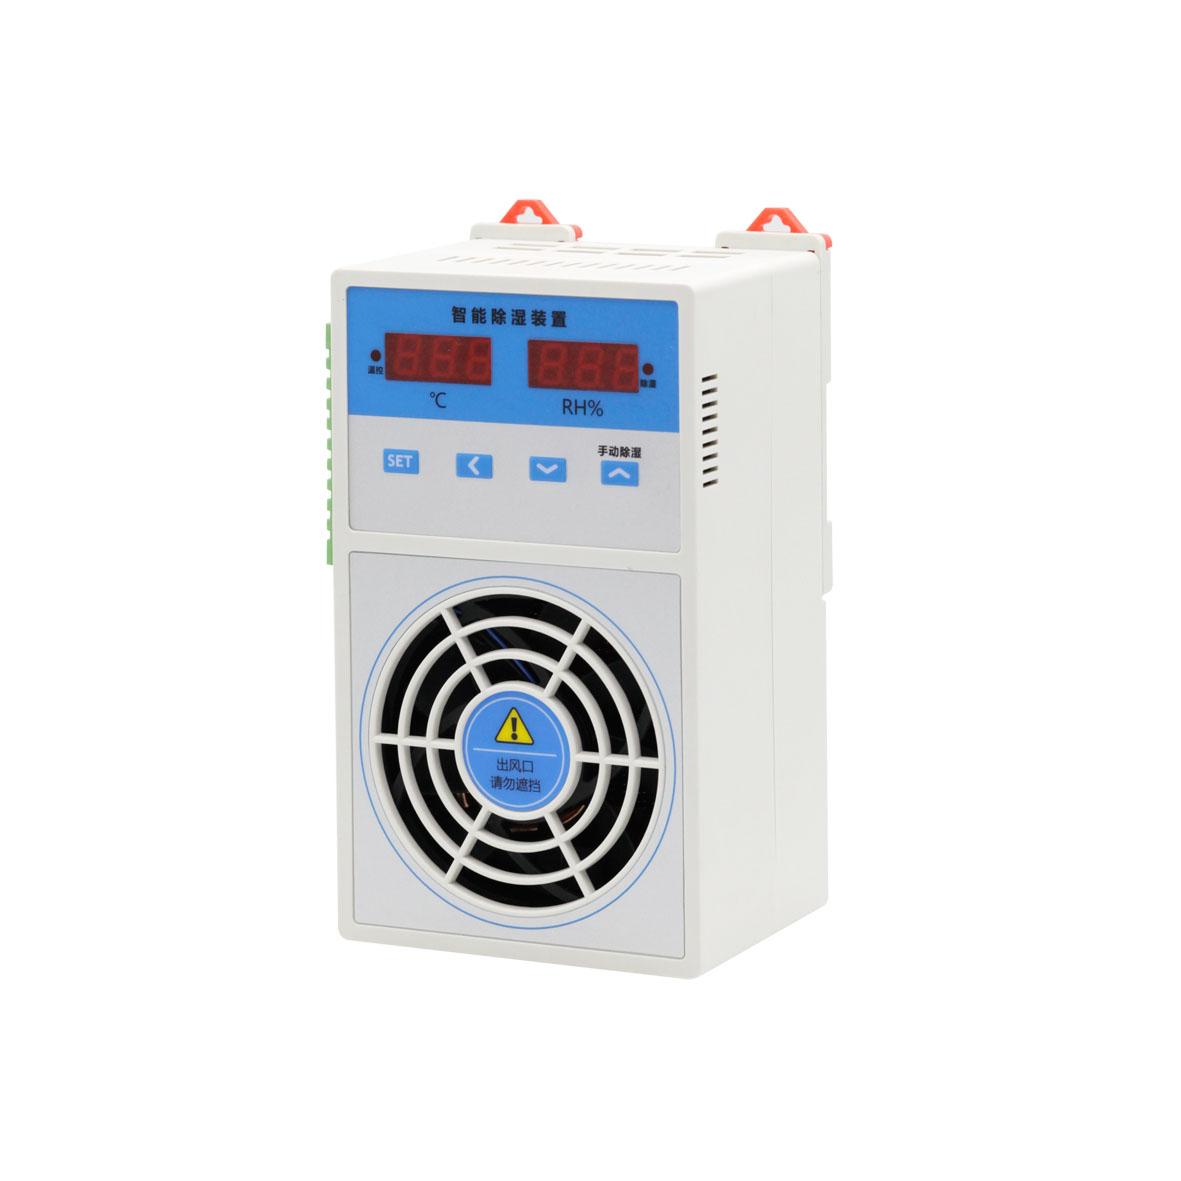 新闻:咸宁HB101DJ智能温度控制仪门市价